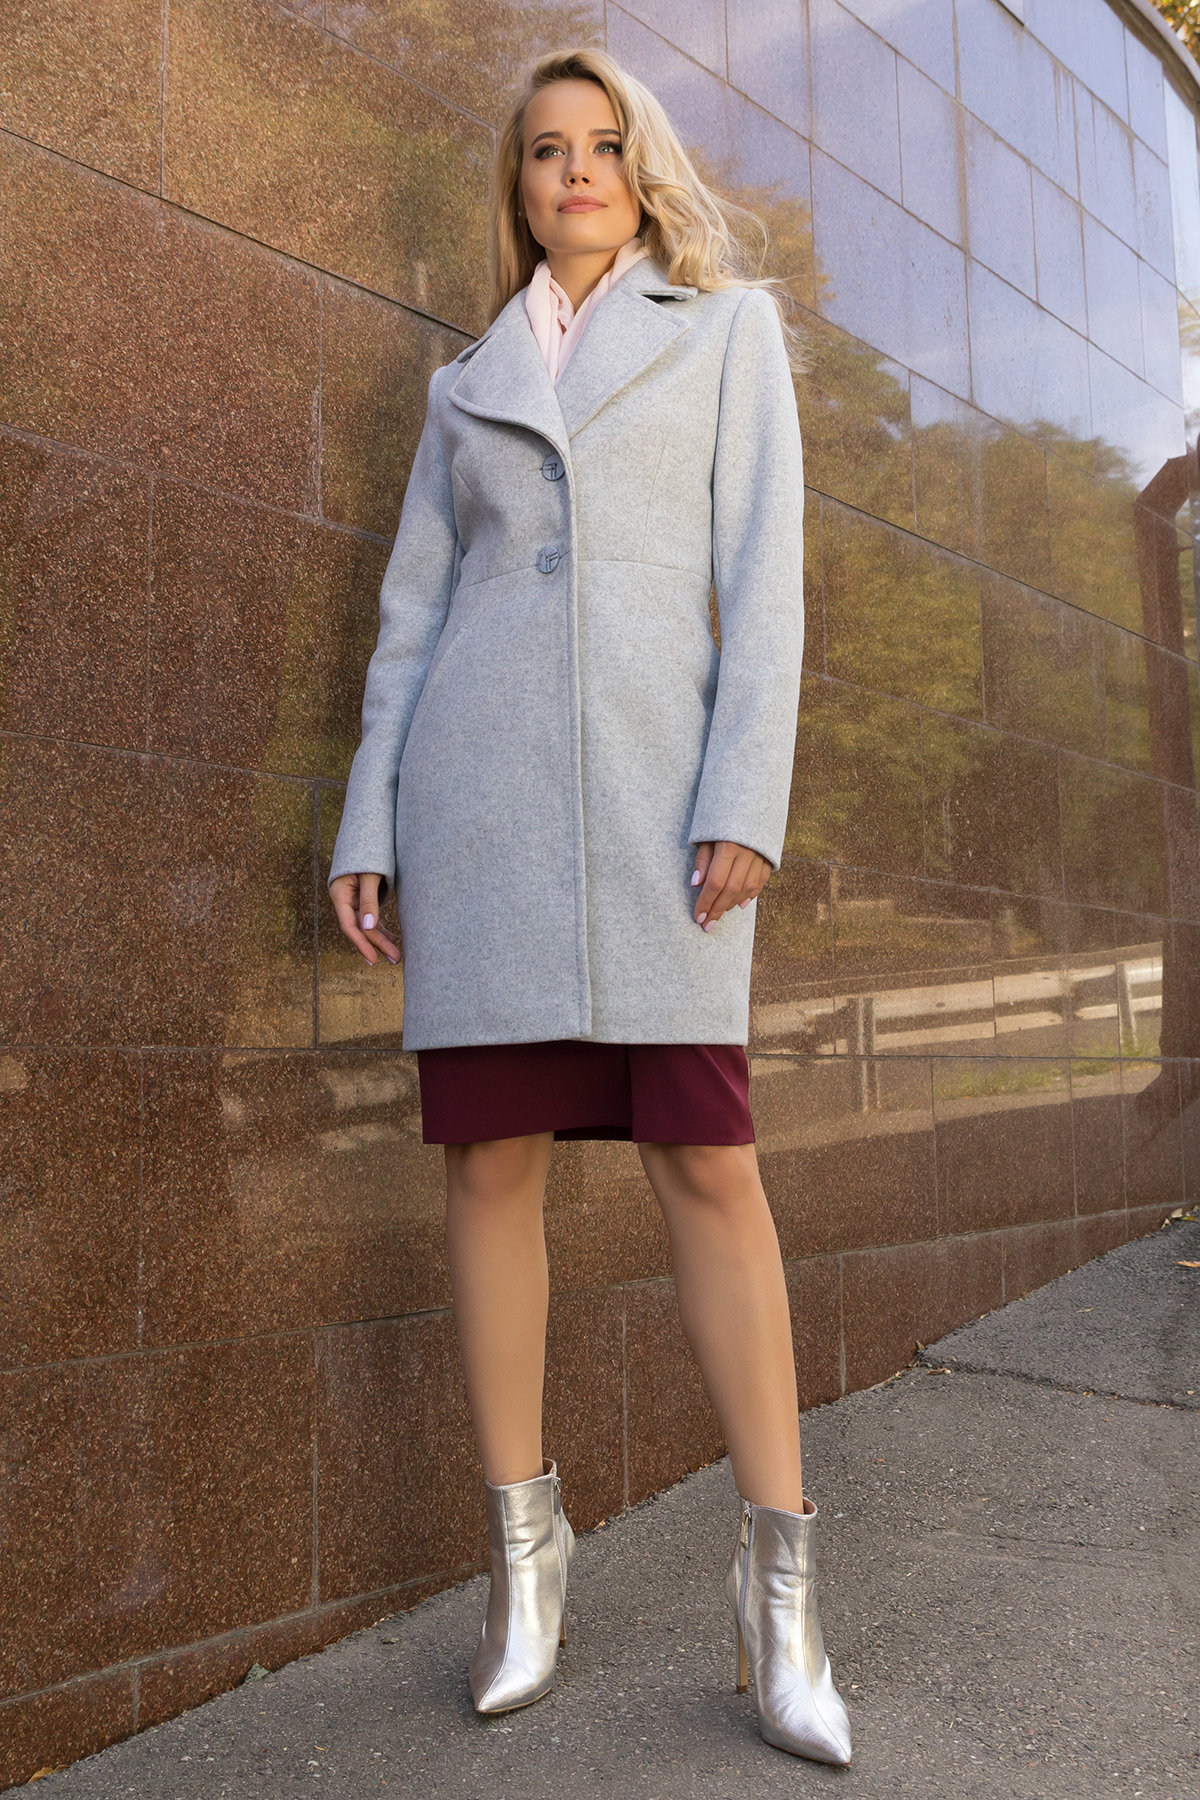 Демисезонное пальто с поясом Камила 7964 АРТ. 43920 Цвет: Серый Светлый 33 - фото 2, интернет магазин tm-modus.ru